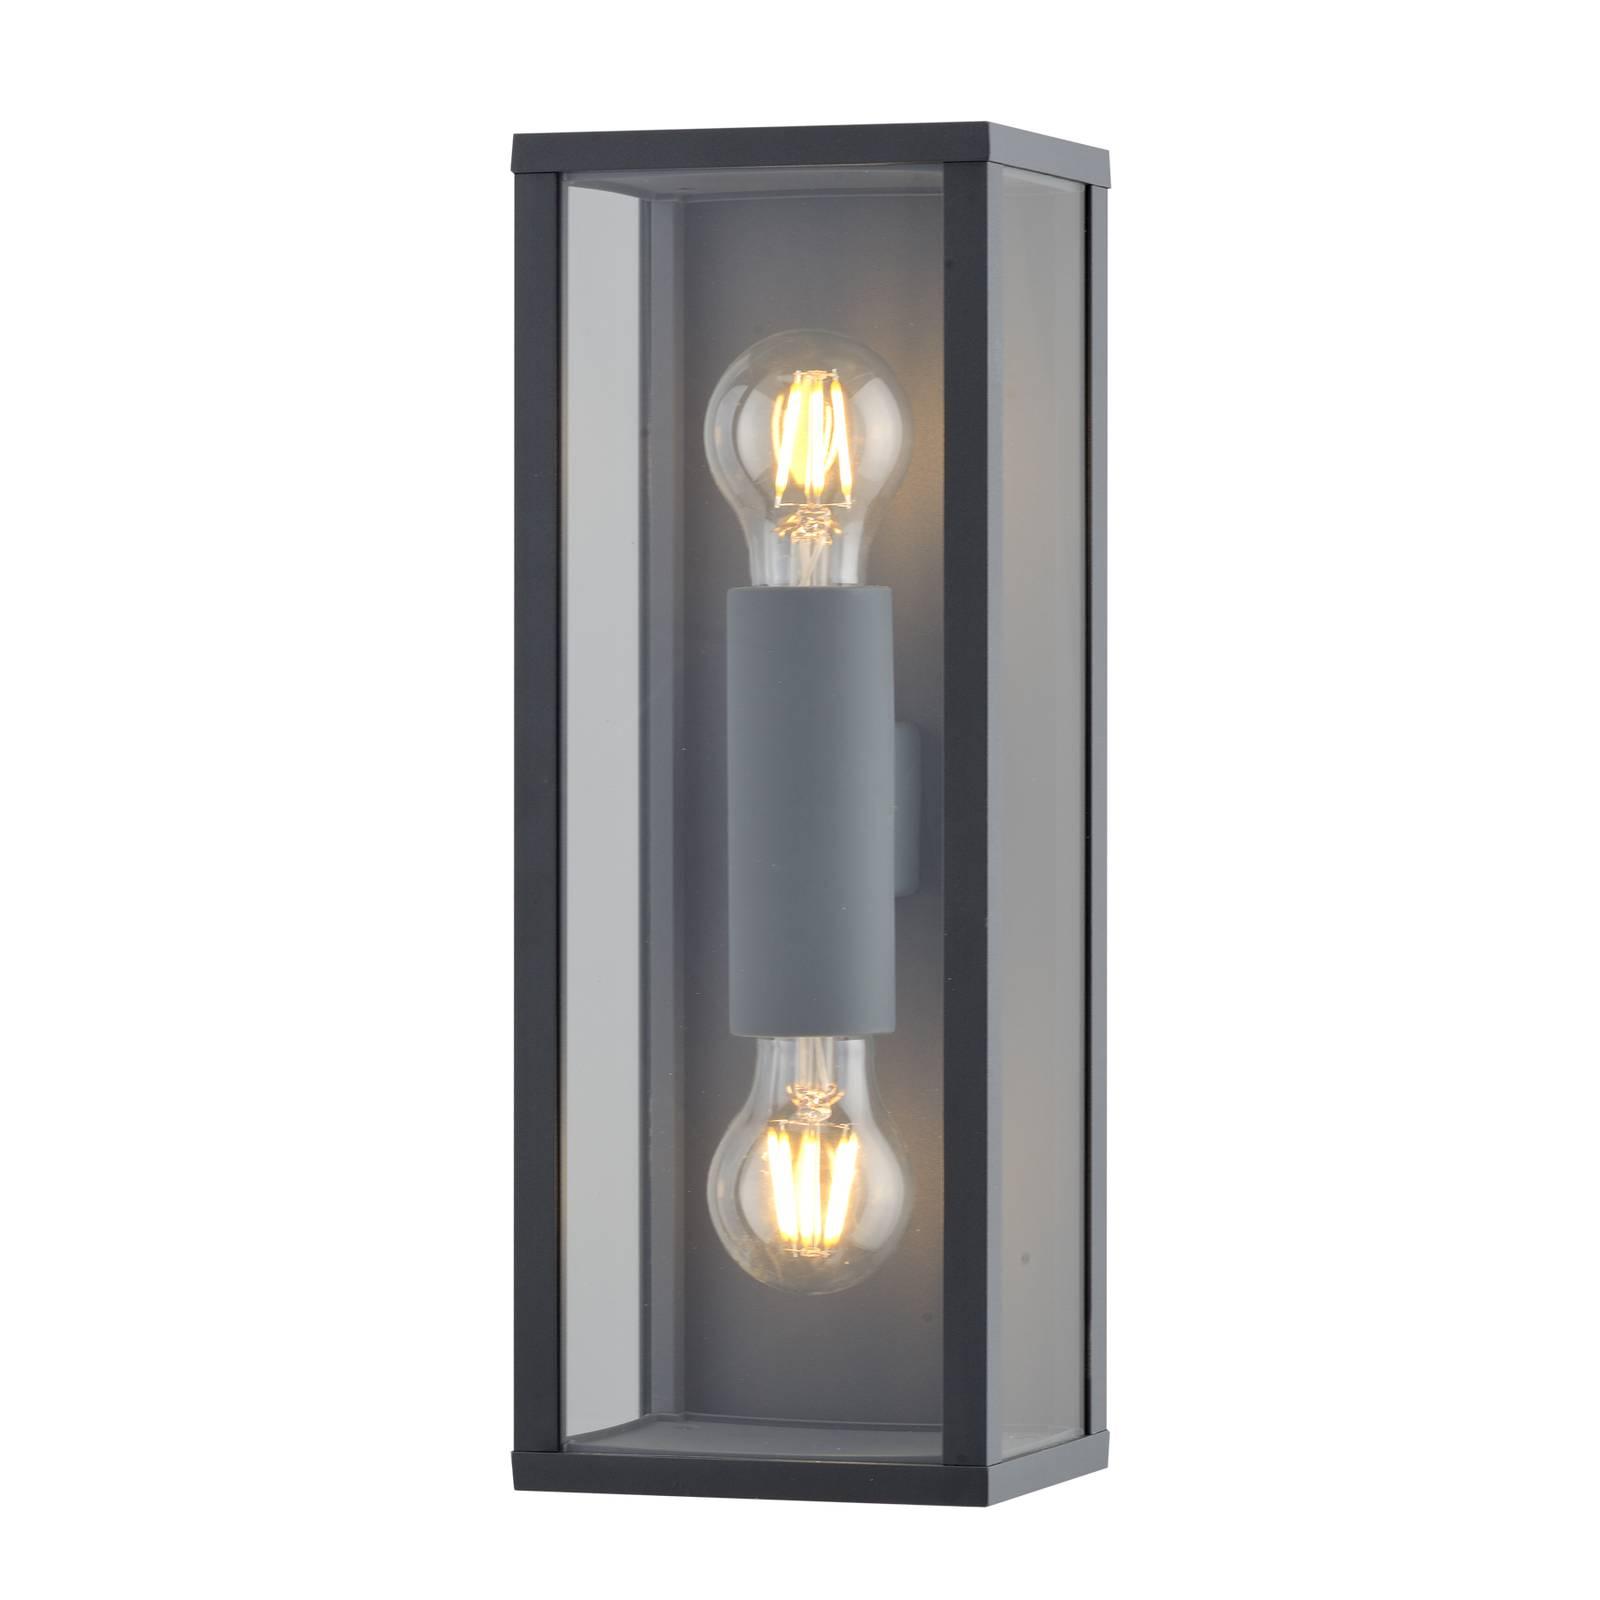 Lindby Peldar -ulkoseinälamppu, 2-lamppuinen